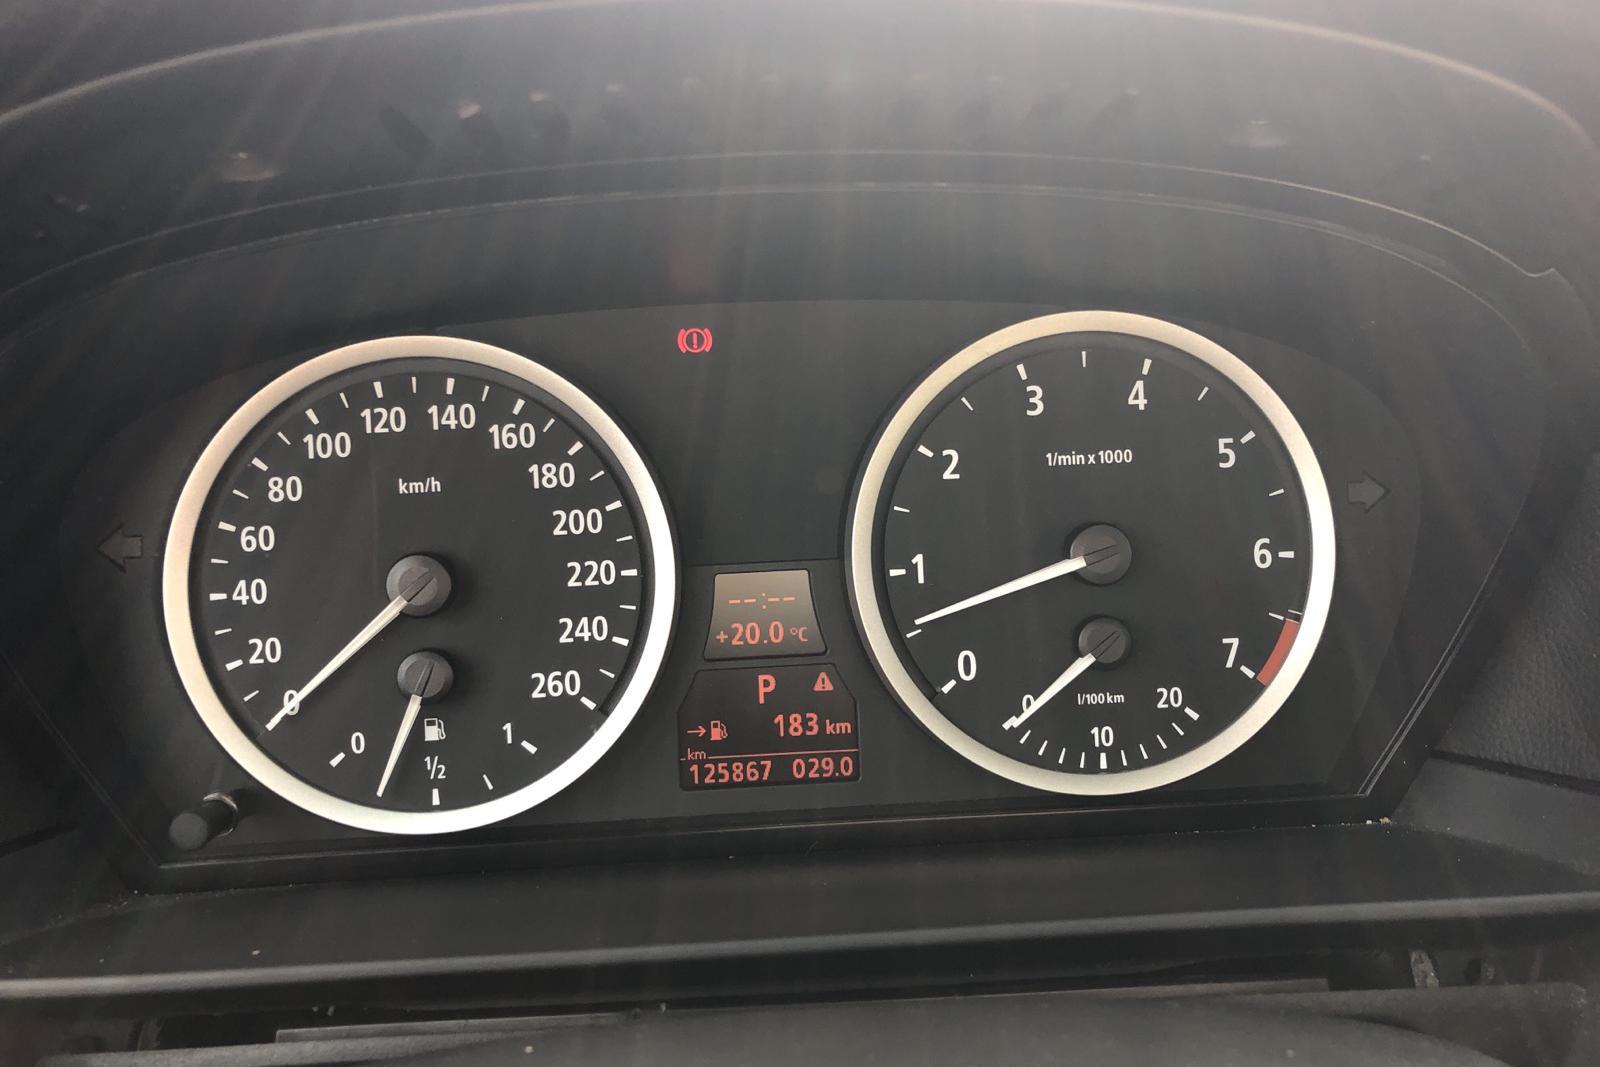 BMW 530i Sedan, E60 (231hk) - 230 000 km - Automatic - black - 2003